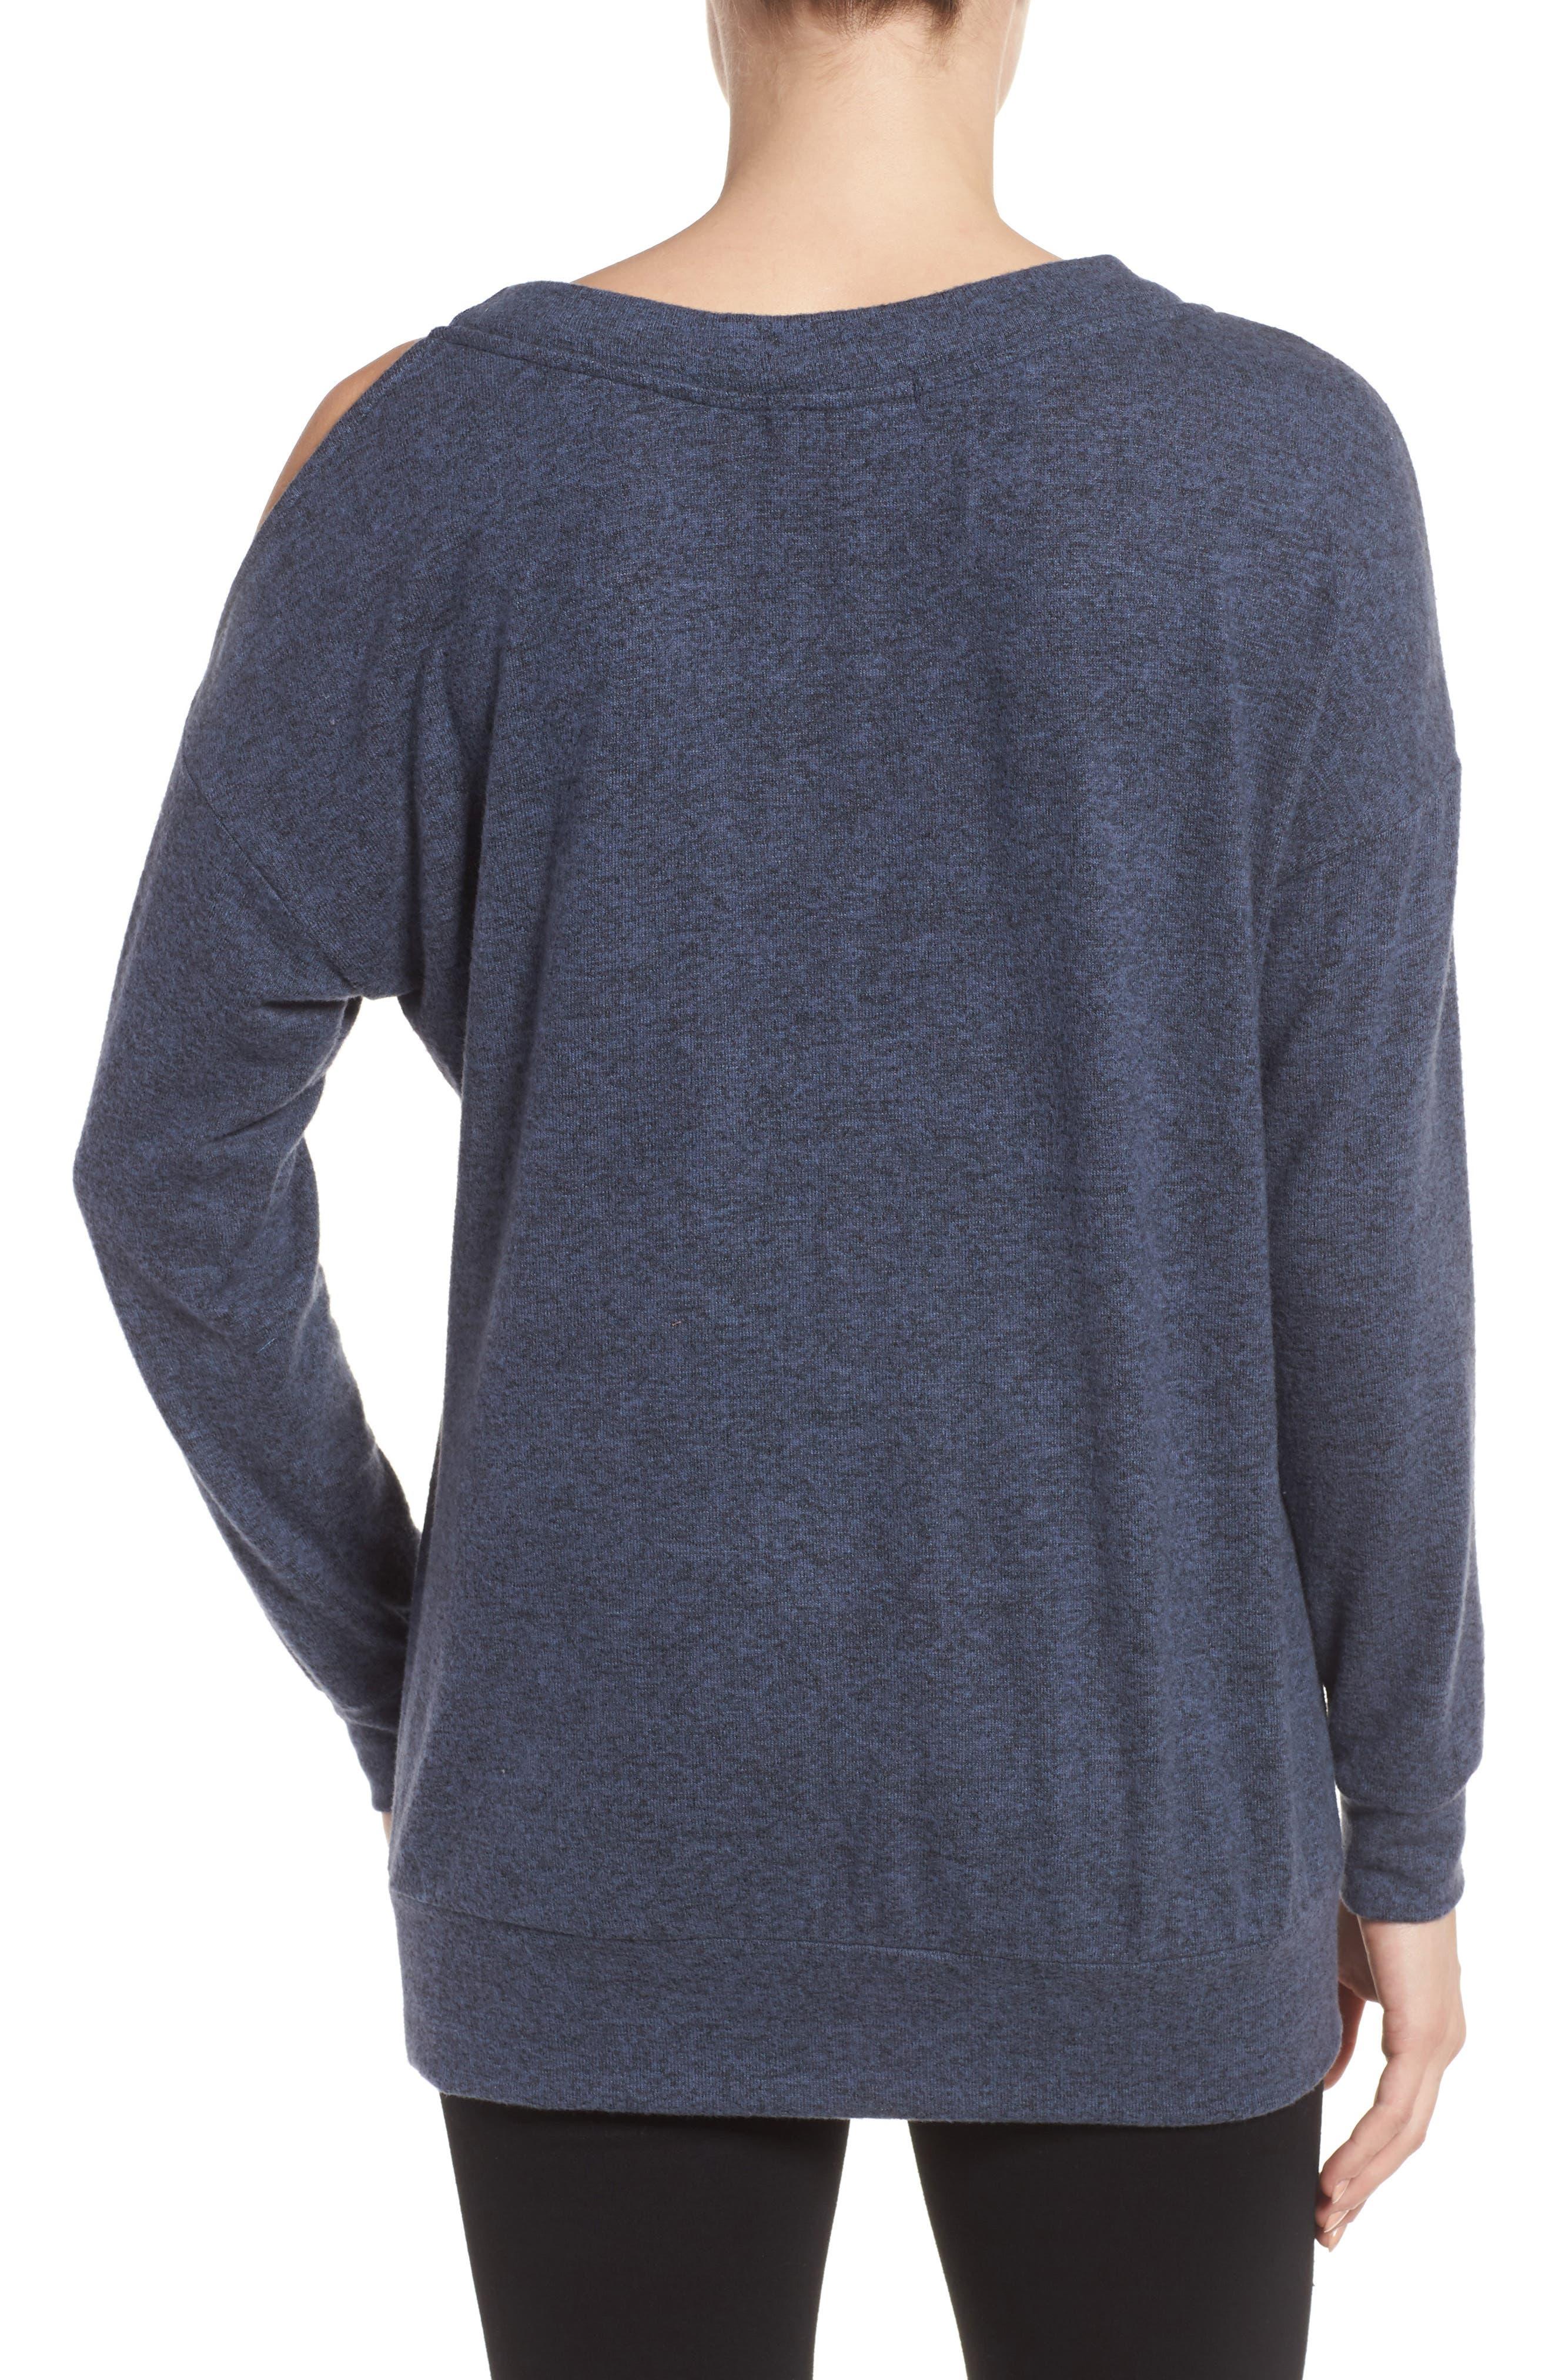 Alternate Image 2  - Gibson Open Shoulder Fleece Top (Regular & Petite)